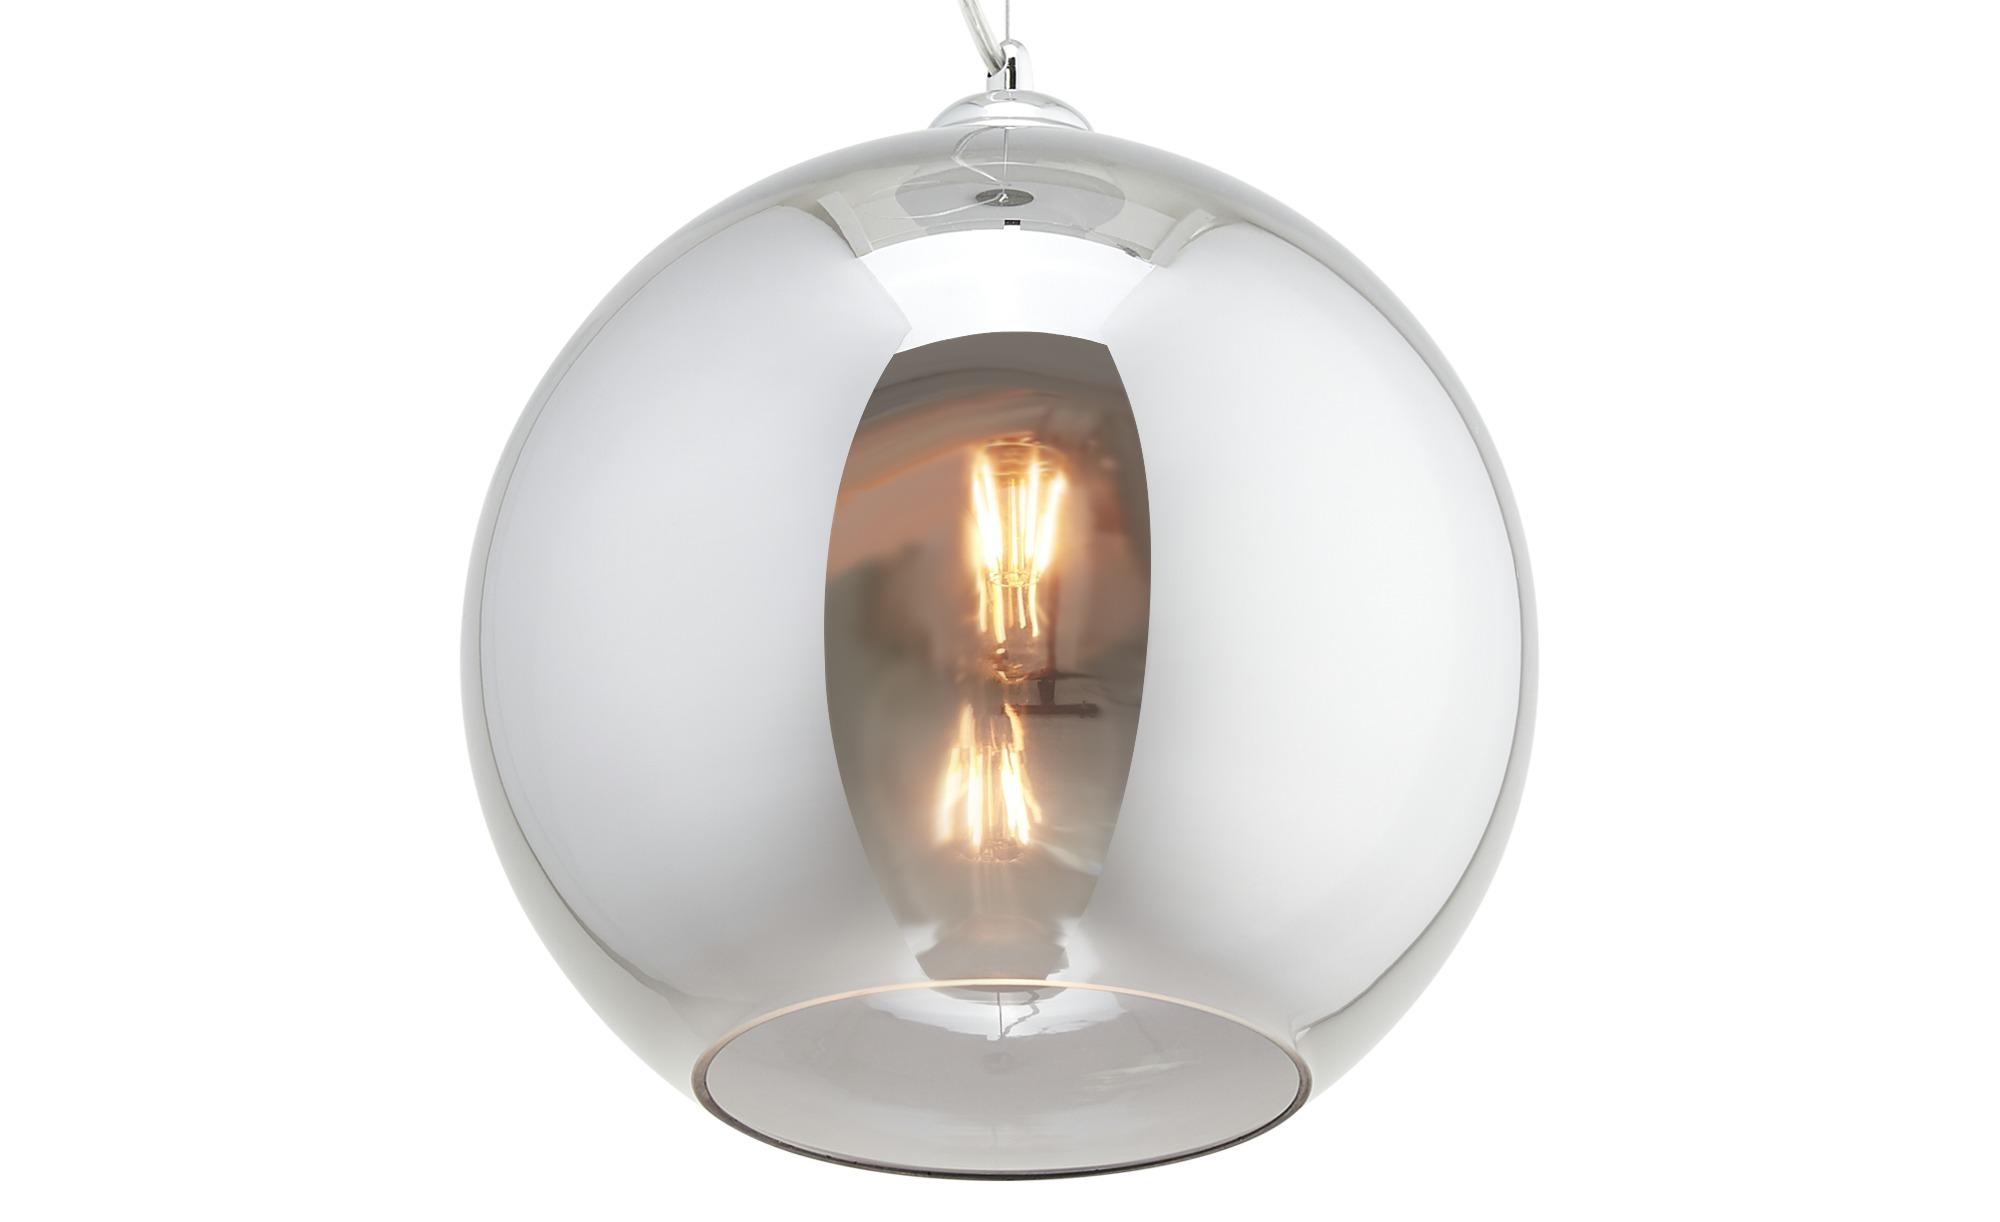 KHG Pendelleuchte, 1-flammig, Rauchglas ¦ silber ¦ Maße (cm): H: 150 Ø: [29.0] Lampen & Leuchten > Innenleuchten > Pendelleuchten - Höffner